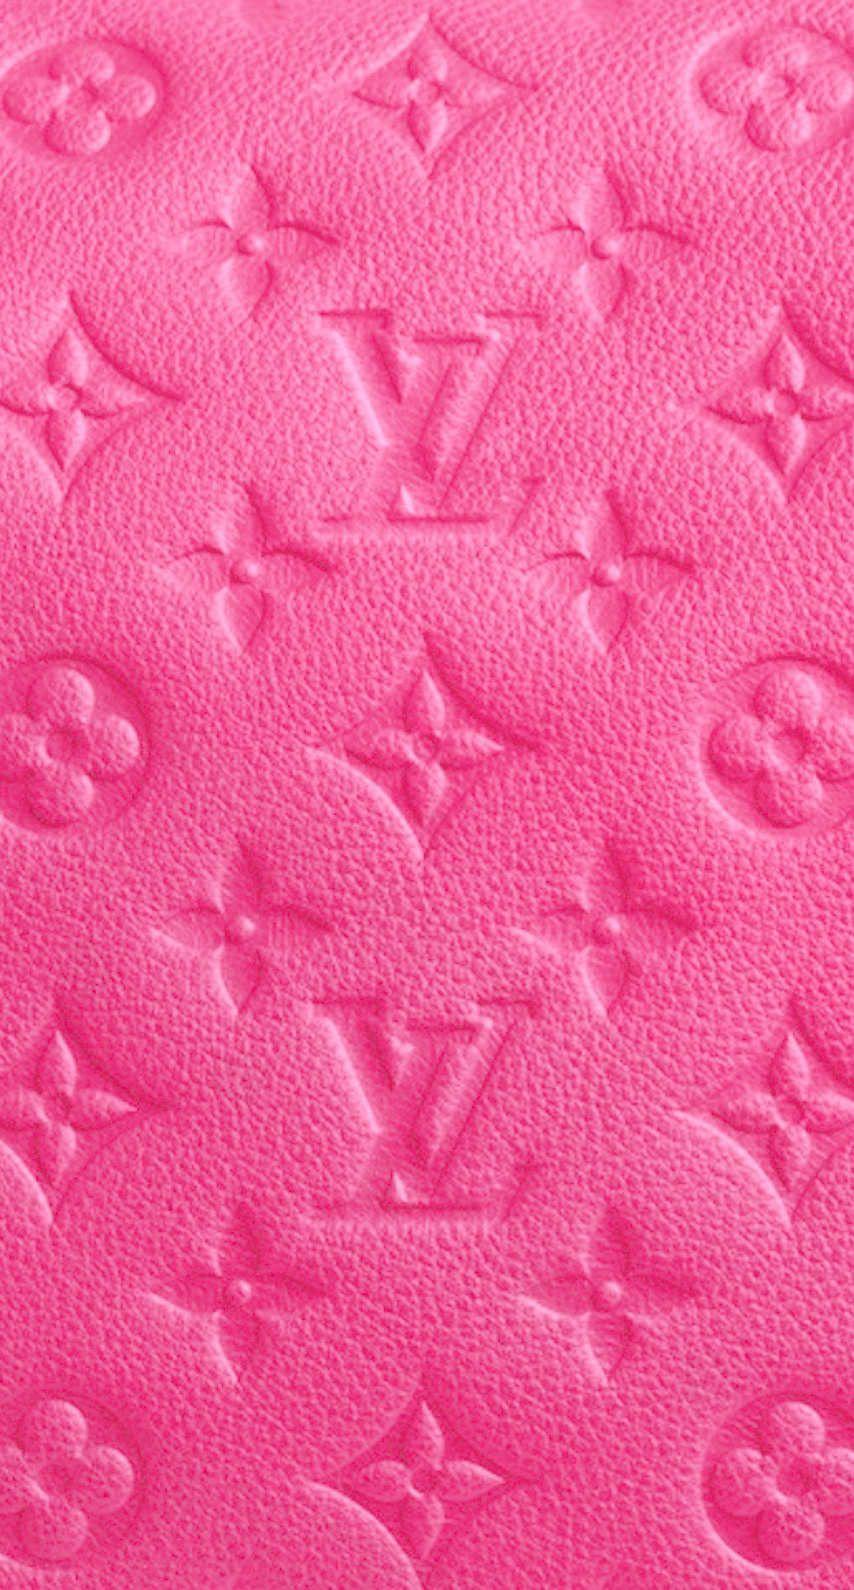 ルイ ヴィトンのピンクモノグラム ピンク 壁紙 Iphone 壁紙